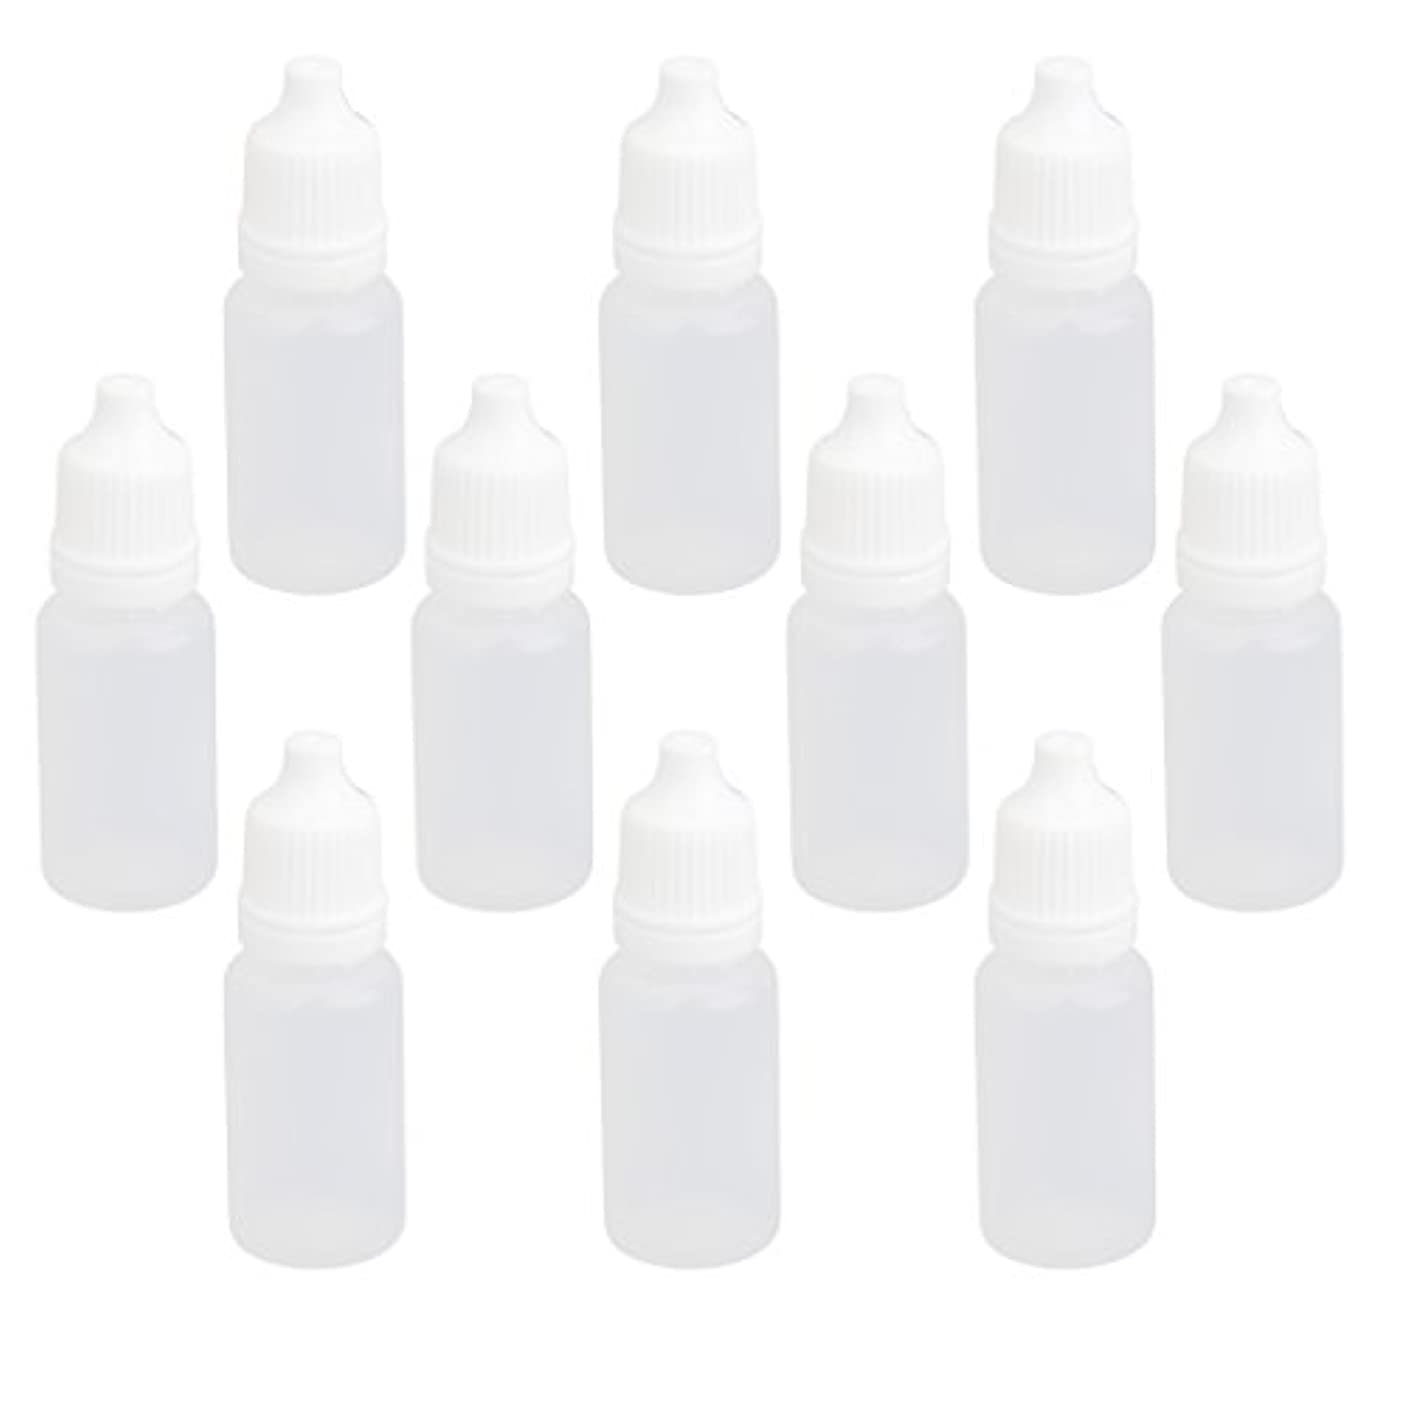 ウェイトレスアジャフットボール【ノーブランド品】ドロッパーボトル 点眼 液体 貯蔵用 滴瓶 プラスチック製 10個 (10ml)